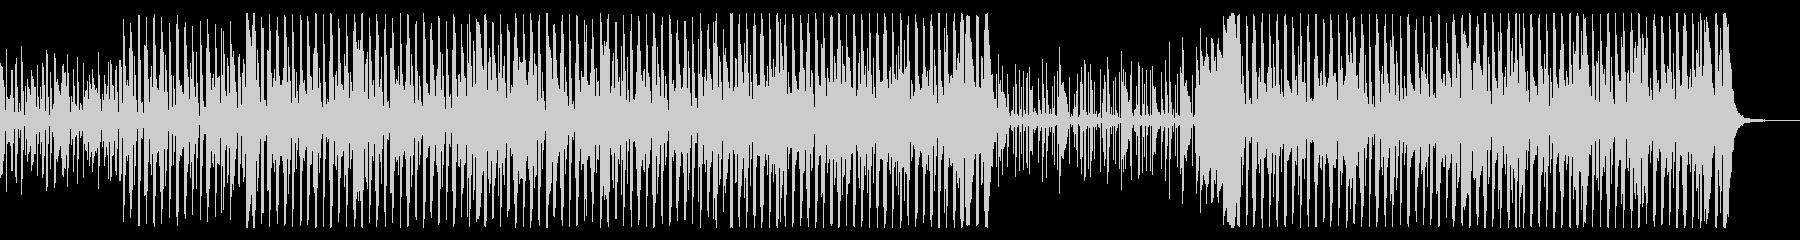 ファンクとソウルの要素を備えたグルーヴィの未再生の波形